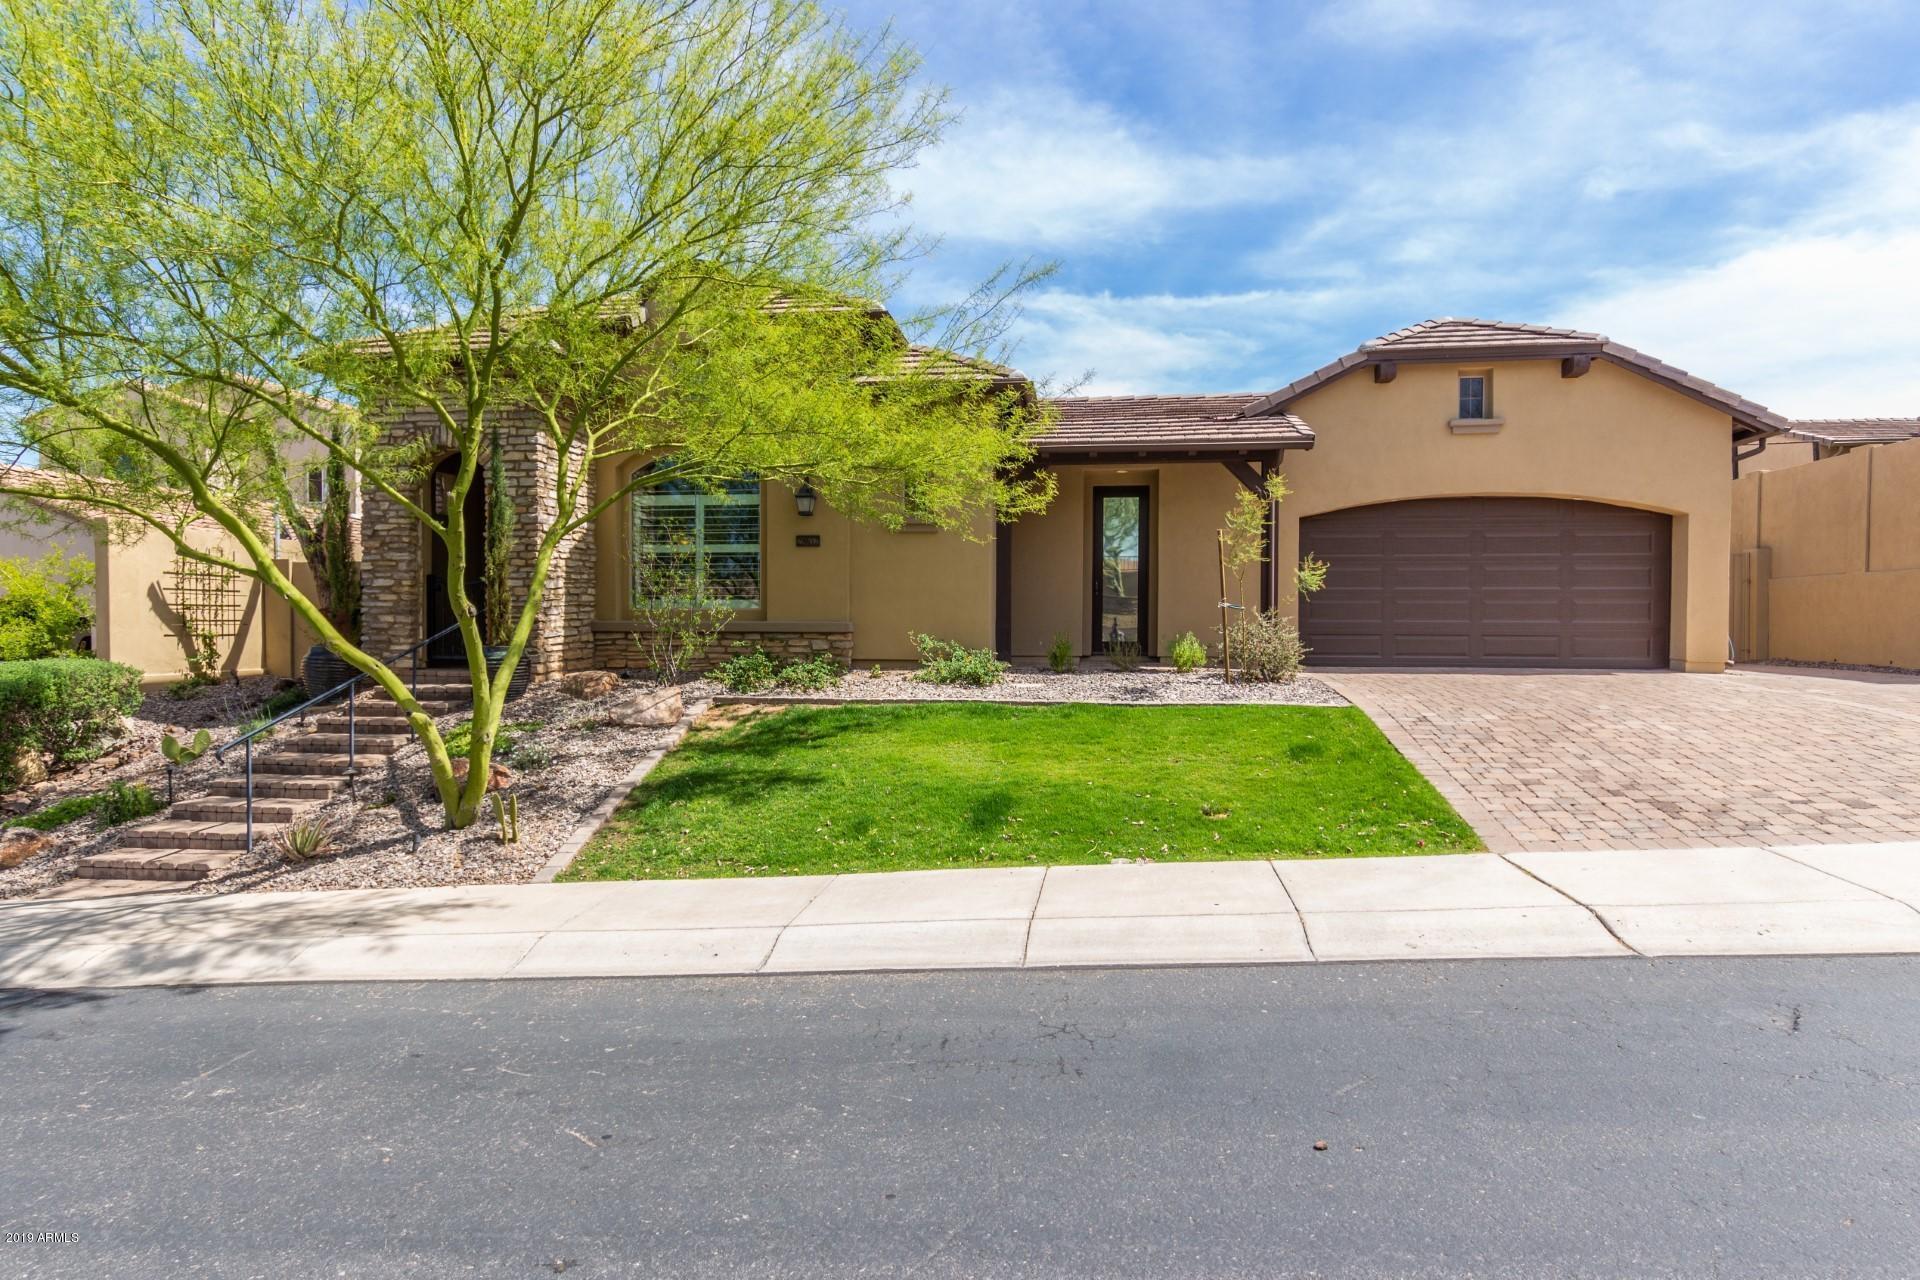 28657 N 68TH Drive, Peoria, Arizona